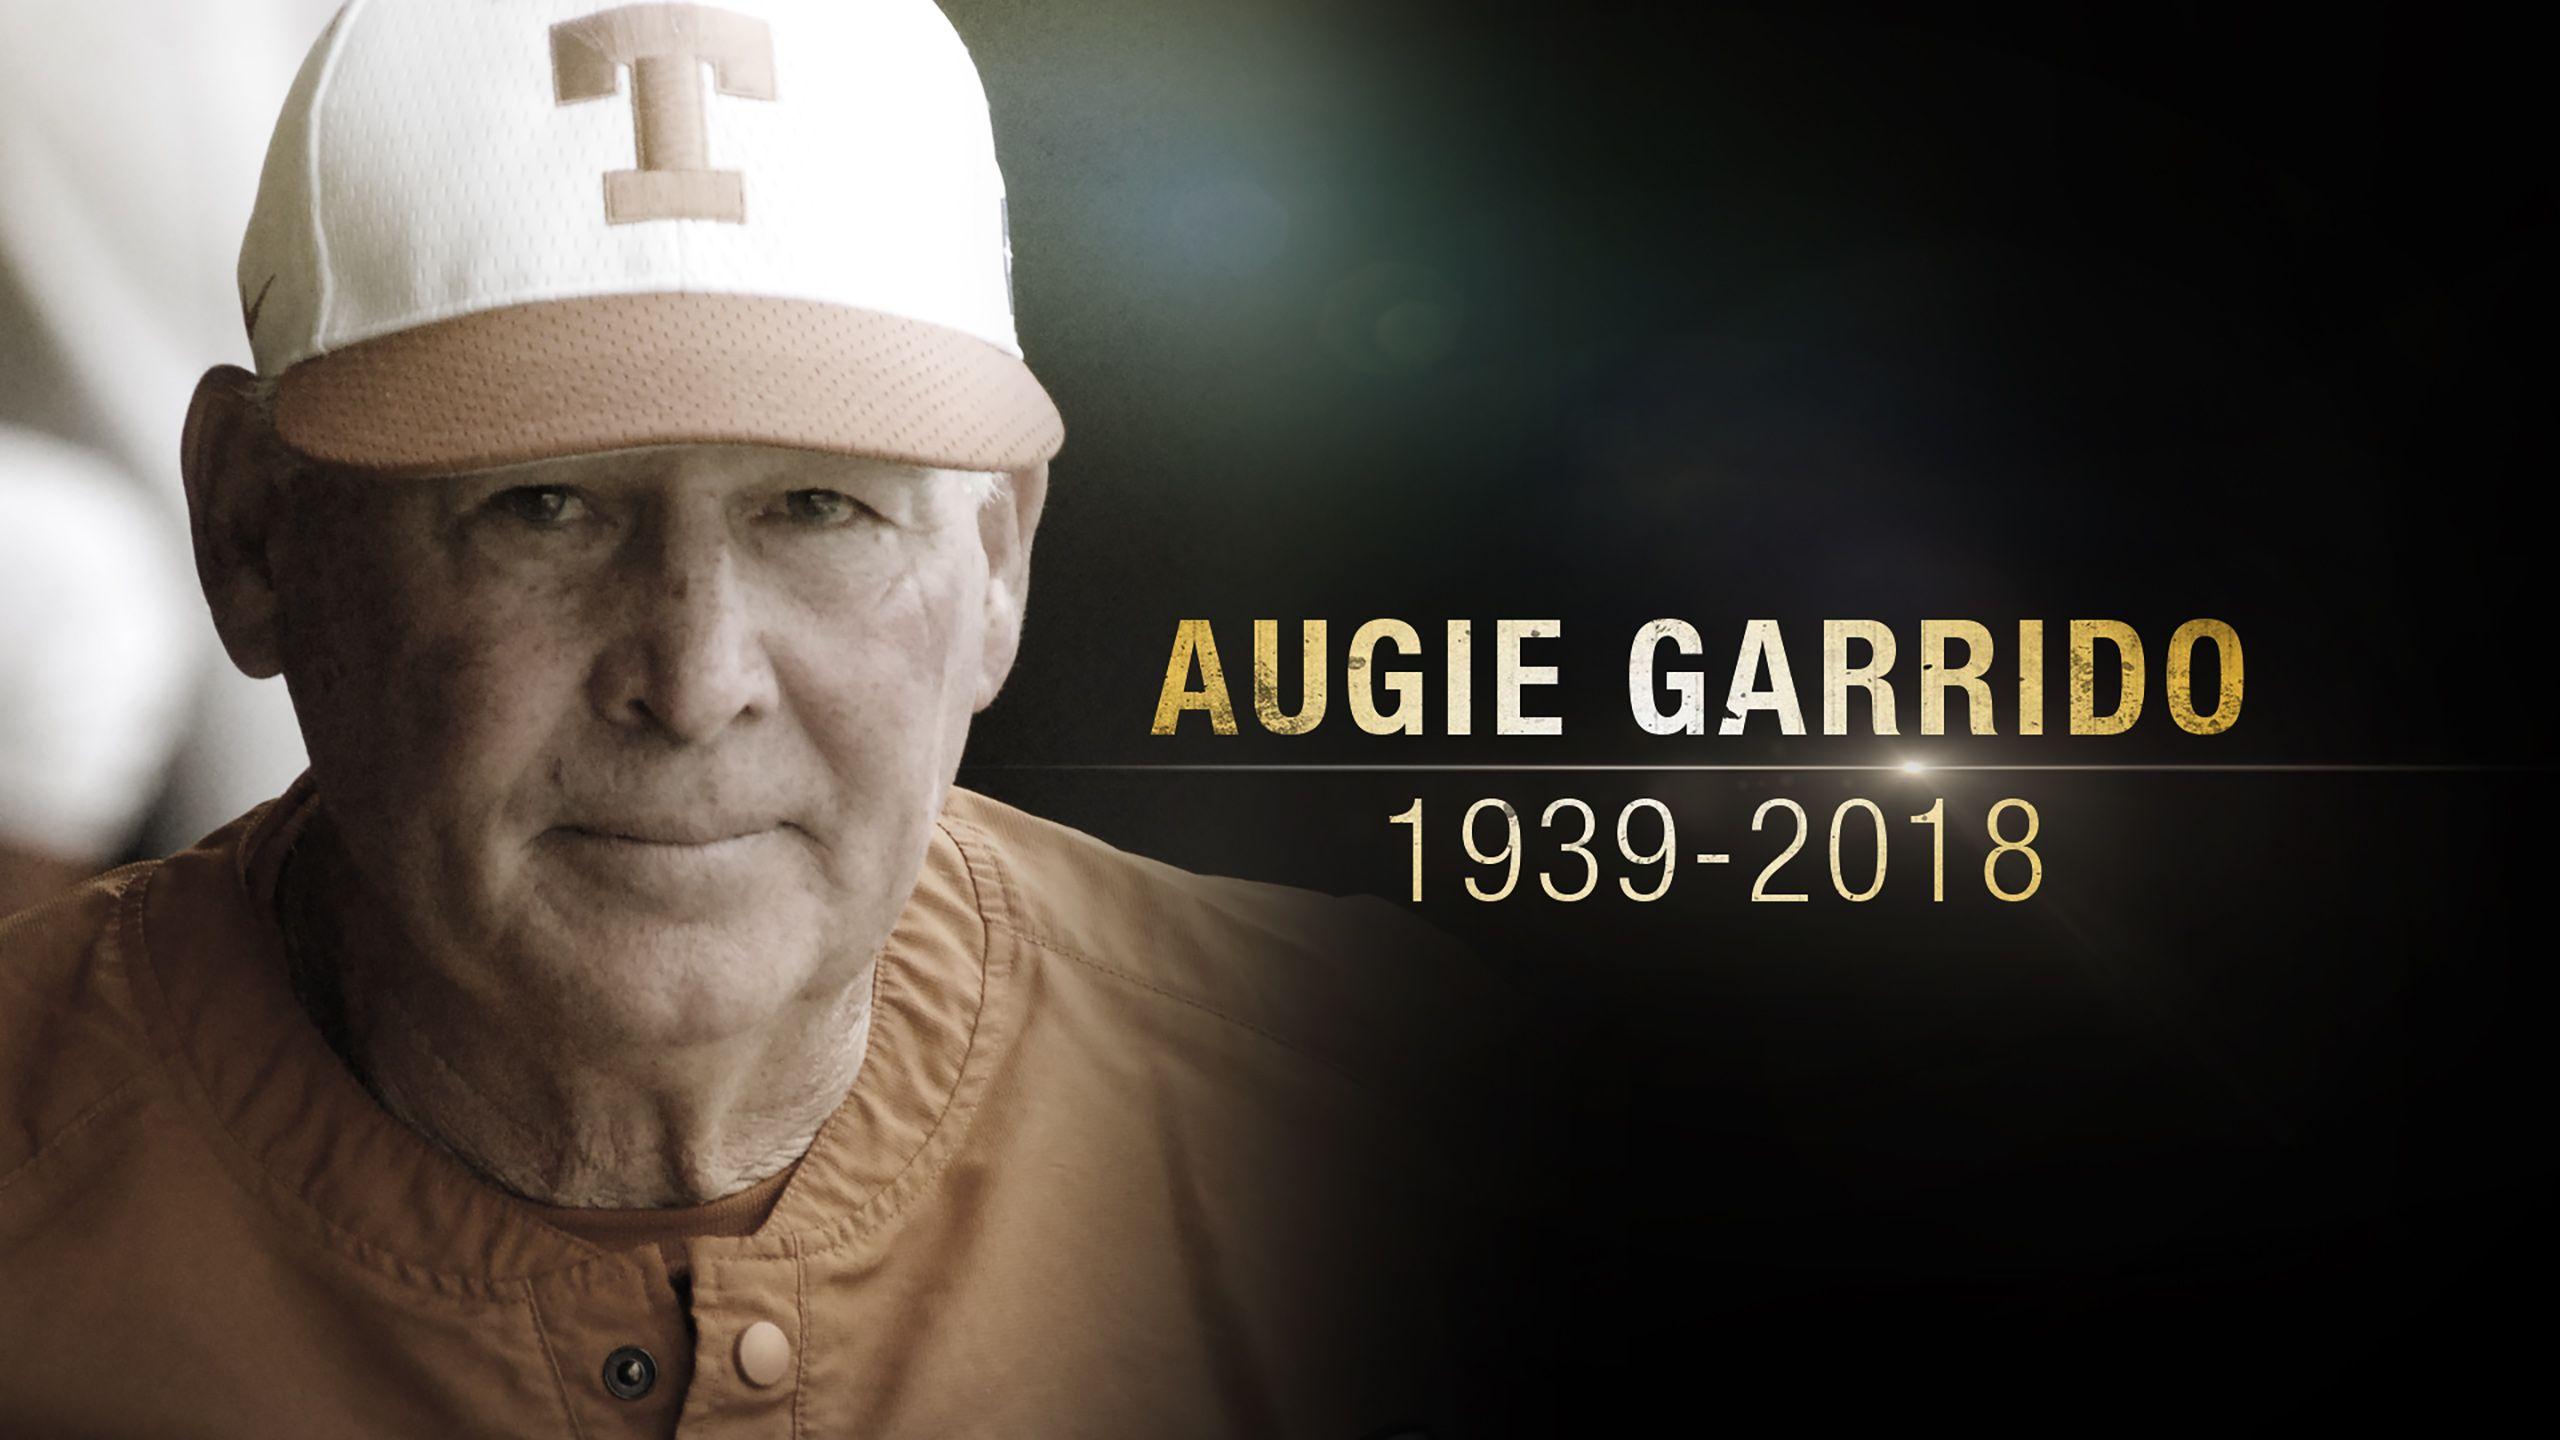 Augie Garrido Tribute